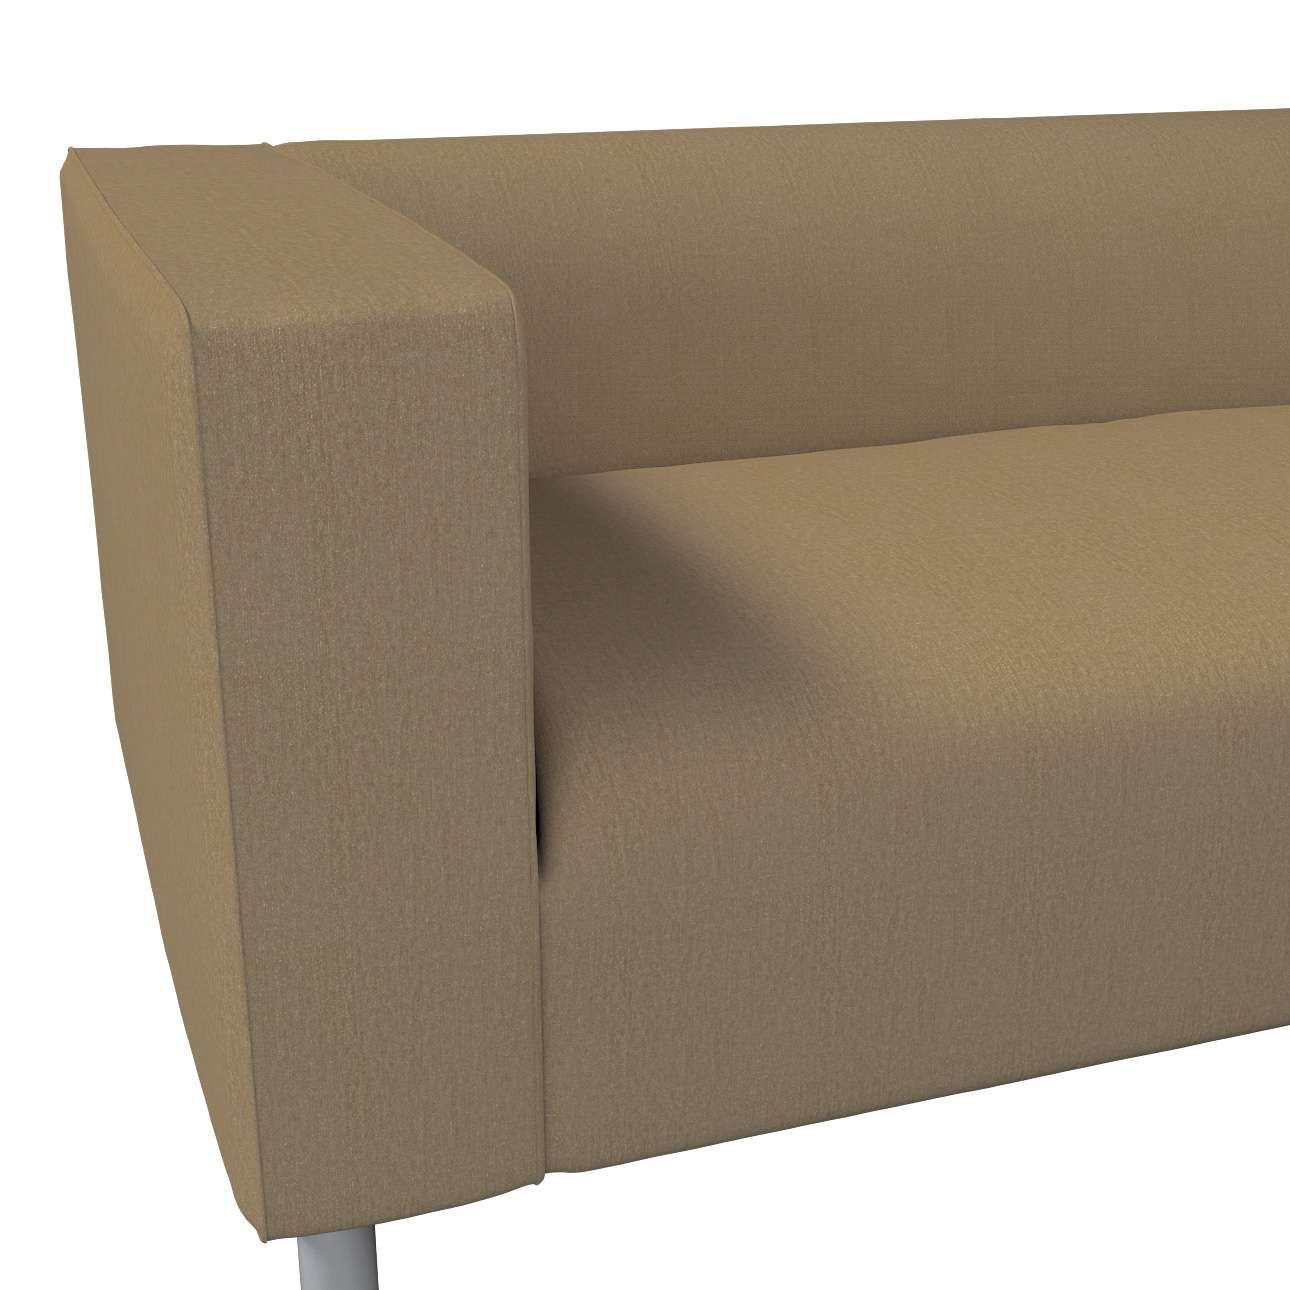 Klippan keturvietės sofos užvalkalas kolekcijoje Chenille, audinys: 702-21